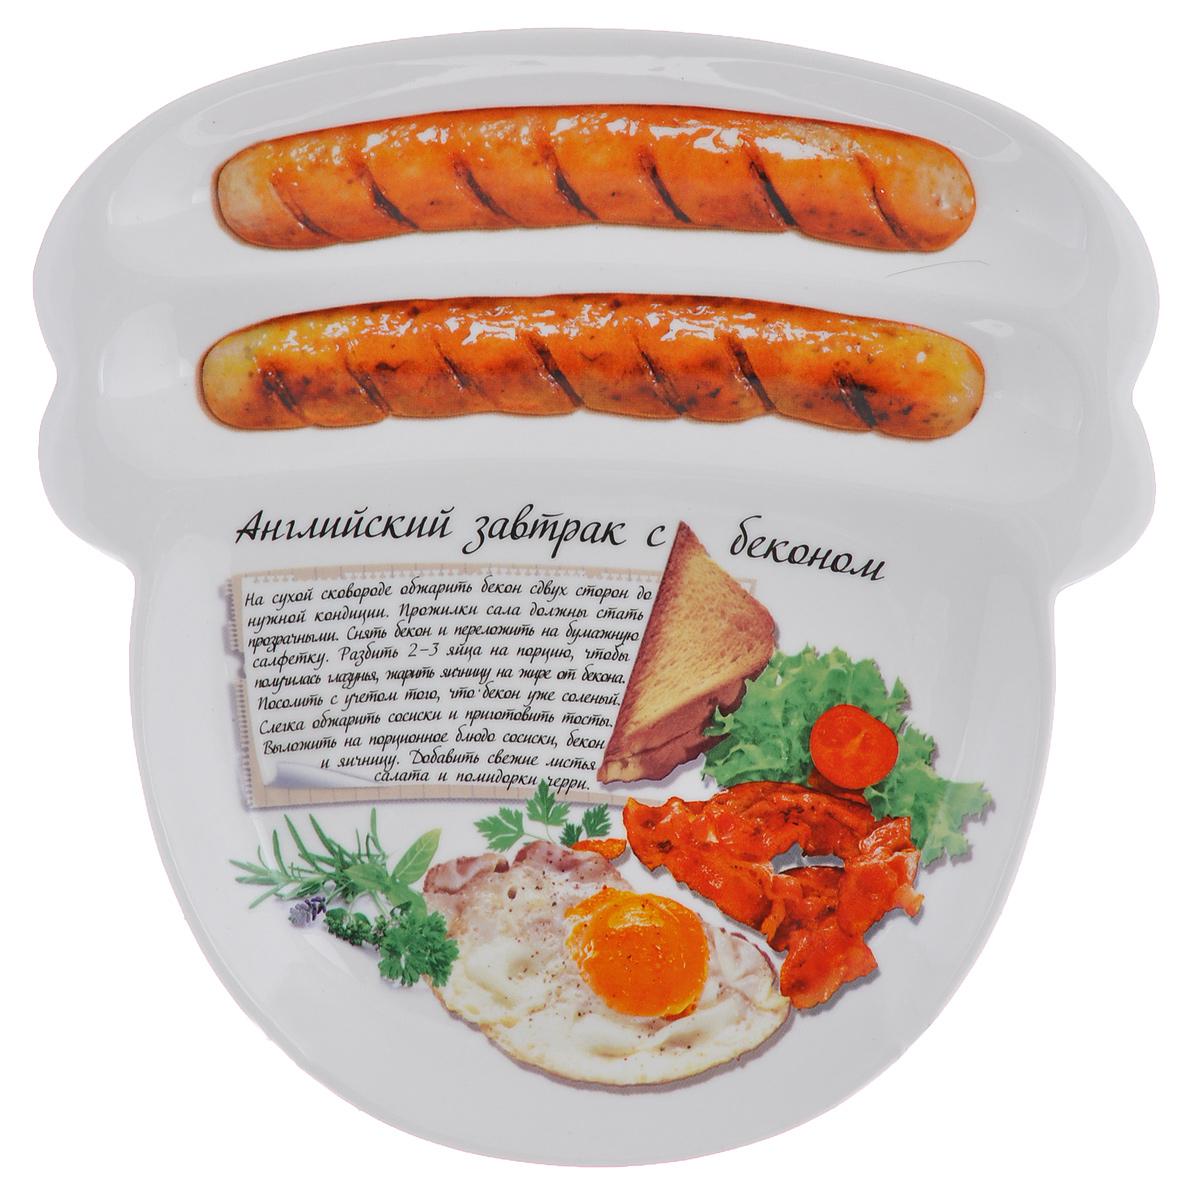 Блюдо для сосисок Larangе Английский завтрак с беконом, 23 см х 22,7 см х 1,6 см598-077Блюдо для сосисок Larange Английский завтрак с беконом изготовлено из высококачественной керамики. Изделие украшено изображением двух сосисок и рецепта английского завтрака с беконом. Тарелка имеет три отделения: два маленьких отделения для сосисок и одно большое отделение для яичницы или другого блюда. В комплект входят лучшие рецепты от шефа. Можно использовать в СВЧ печах, духовом шкафу, холодильнике. Можно мыть в посудомоечной машине. Не применять абразивные чистящие вещества. Размер блюда: 23 см х 22,7 см х 1,6 см.